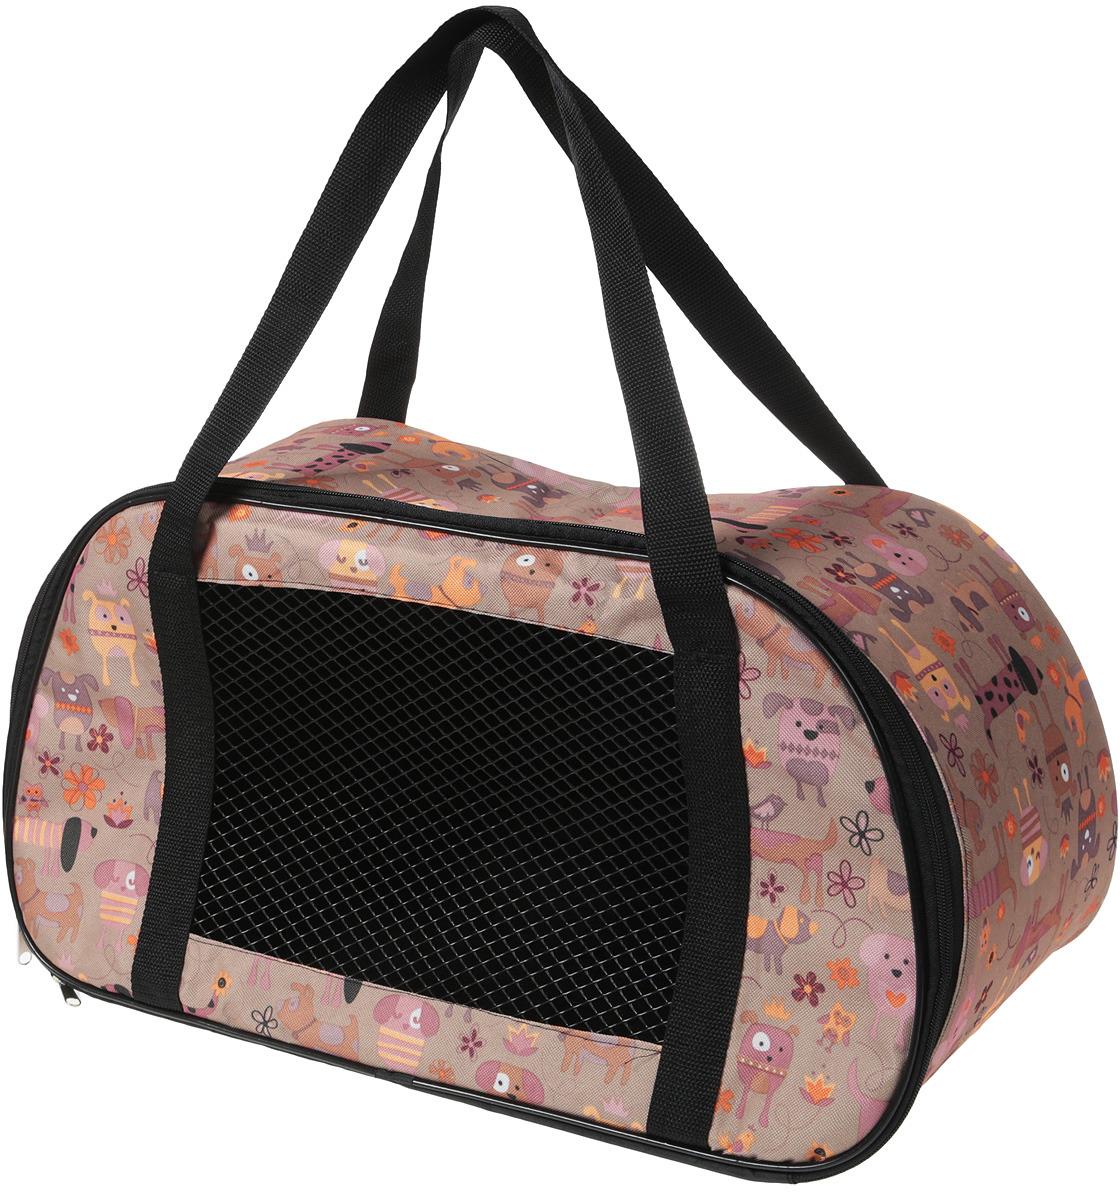 Сумка-переноска для животных Теремок, цвет: бежевый, 56 х 28 х 30 см переноска теремок сумка переноска для животных трапеция 28 30 53 см темно зеленый